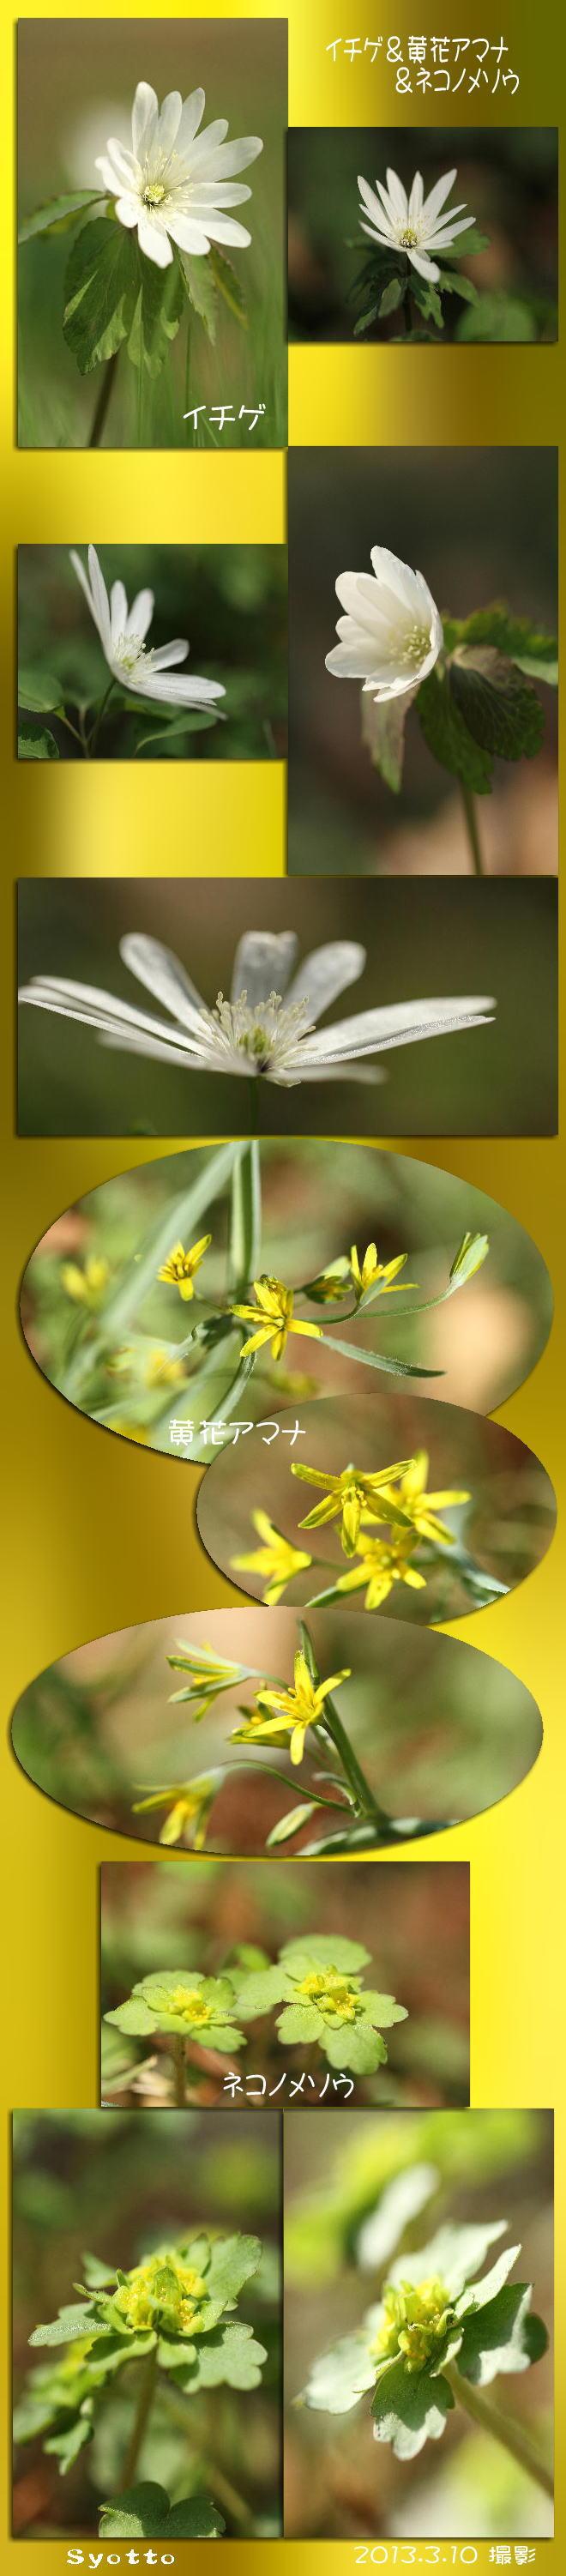 f0164592_21105217.jpg